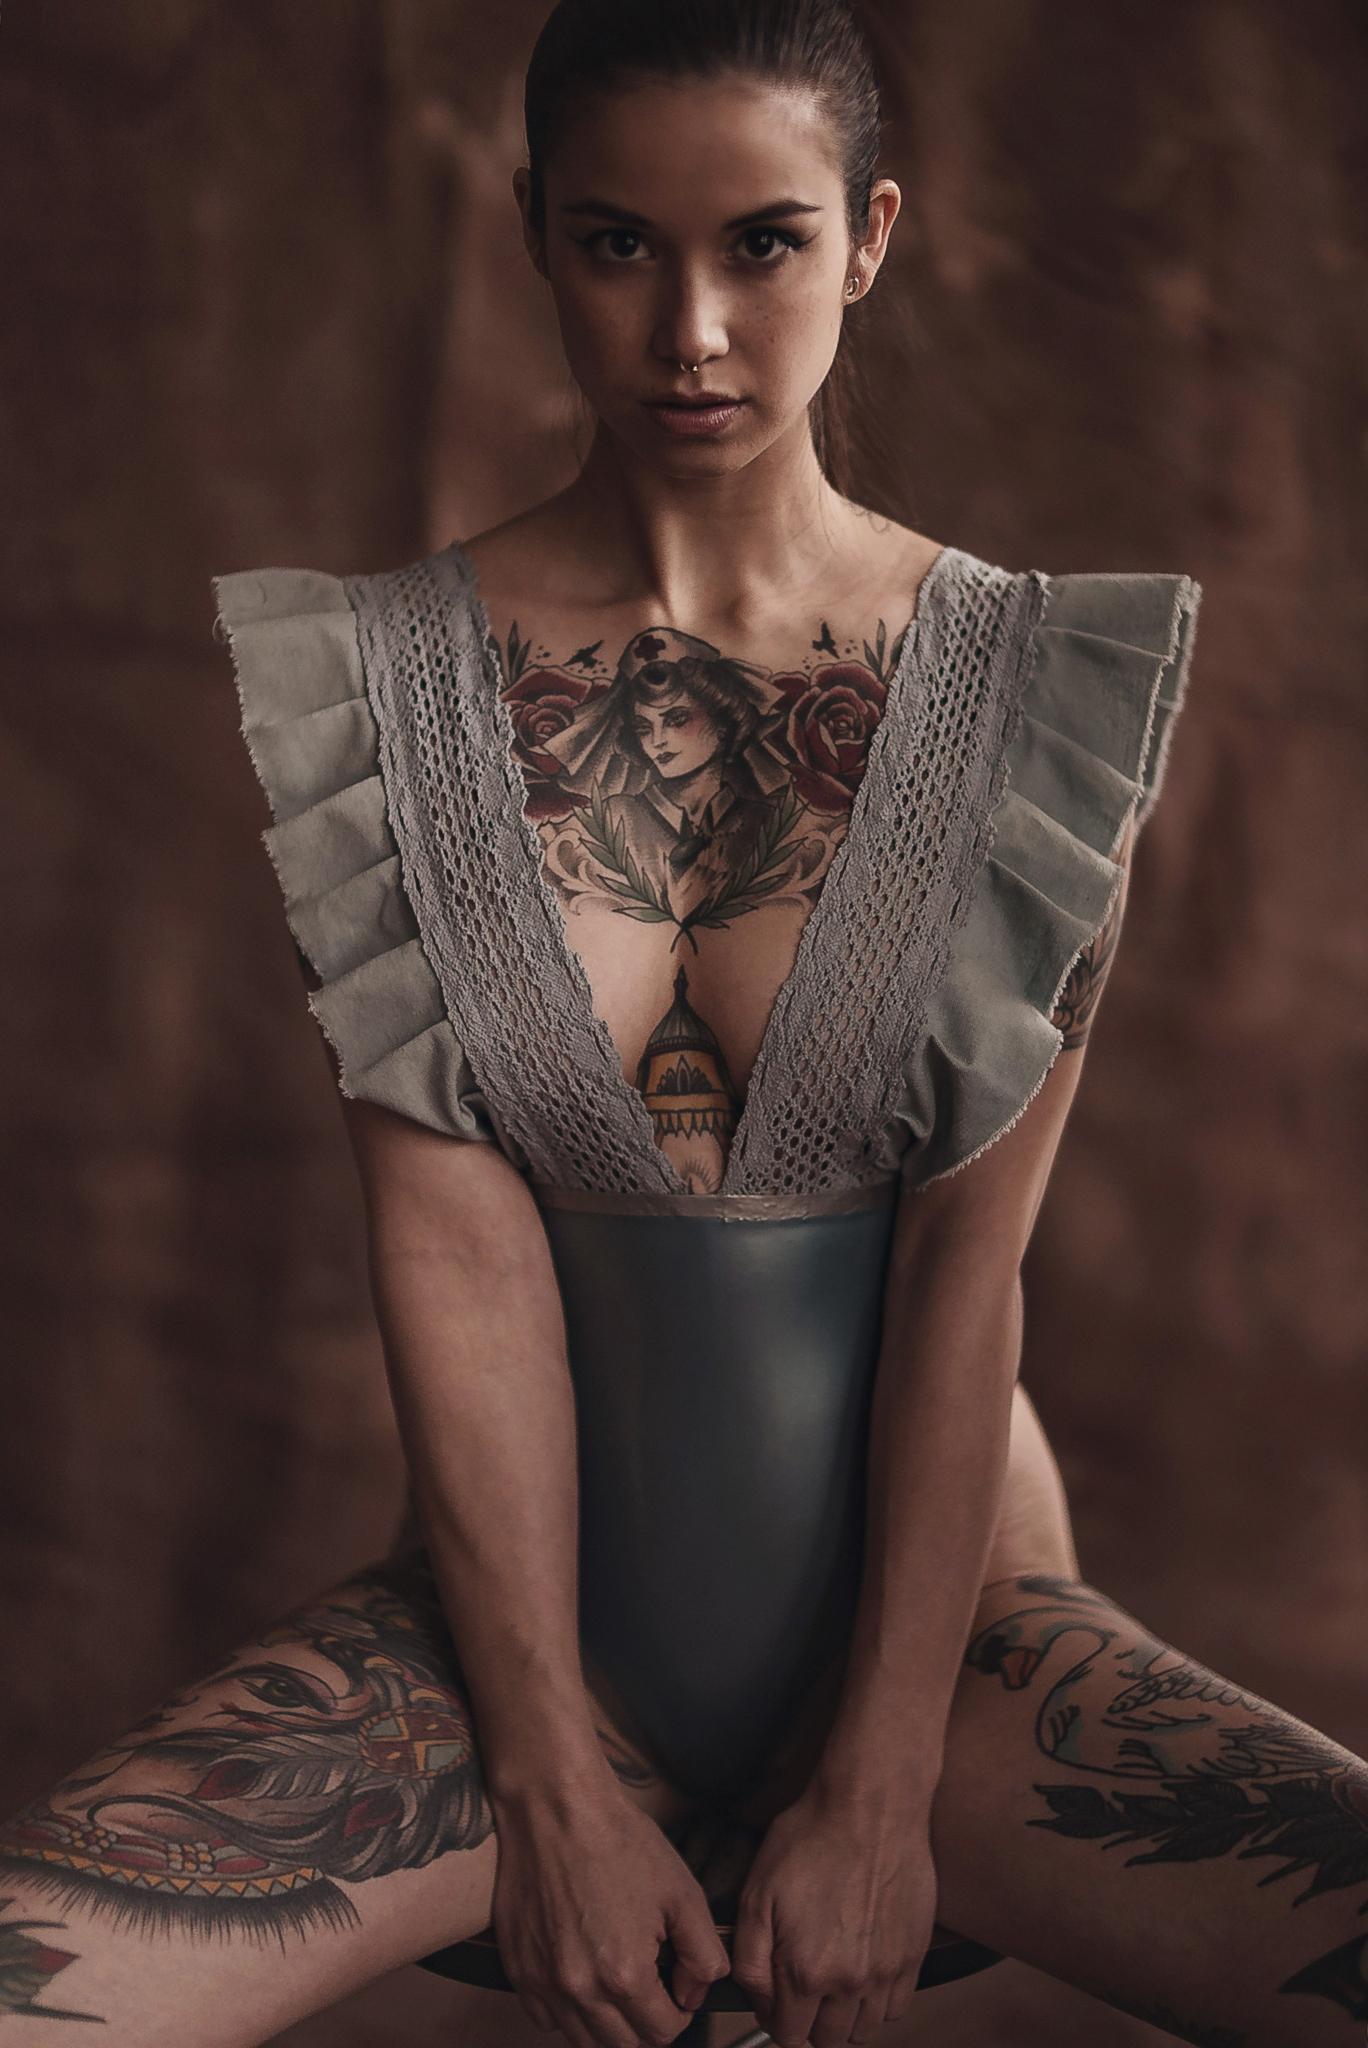 Schwarz-weißes Akt-Portrait einer liegenden Frau